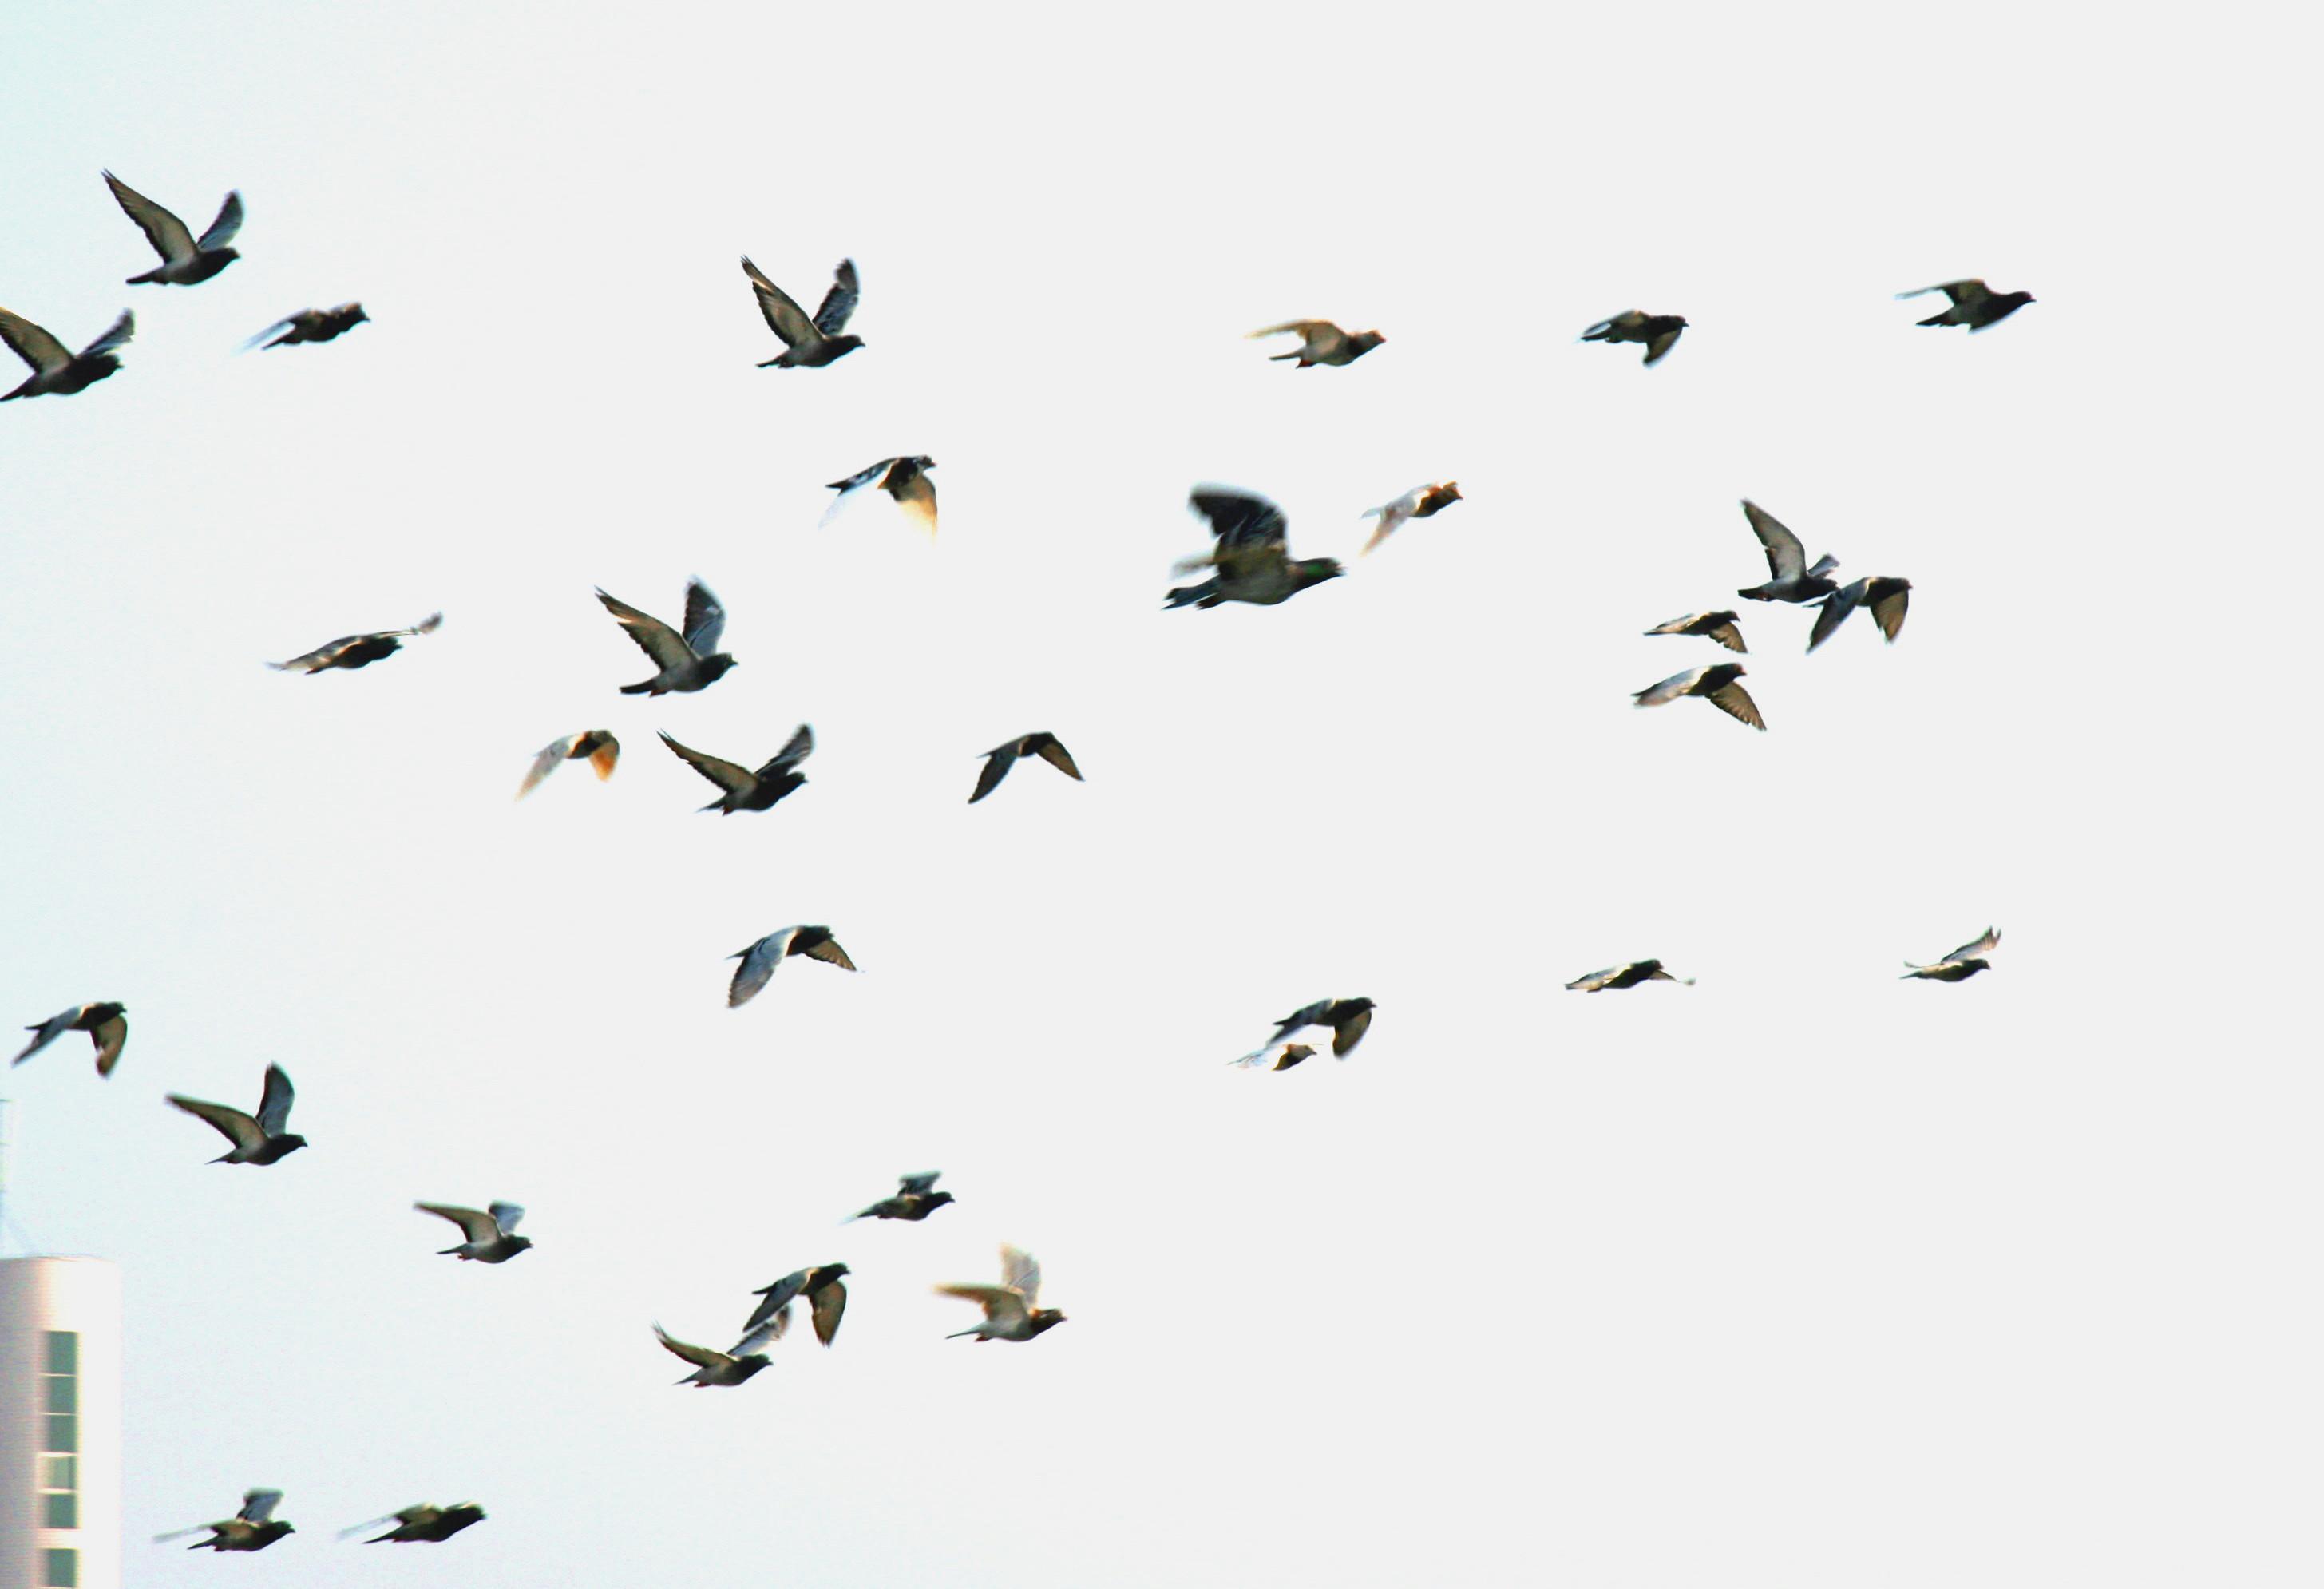 鸽子在飞翔曲谱